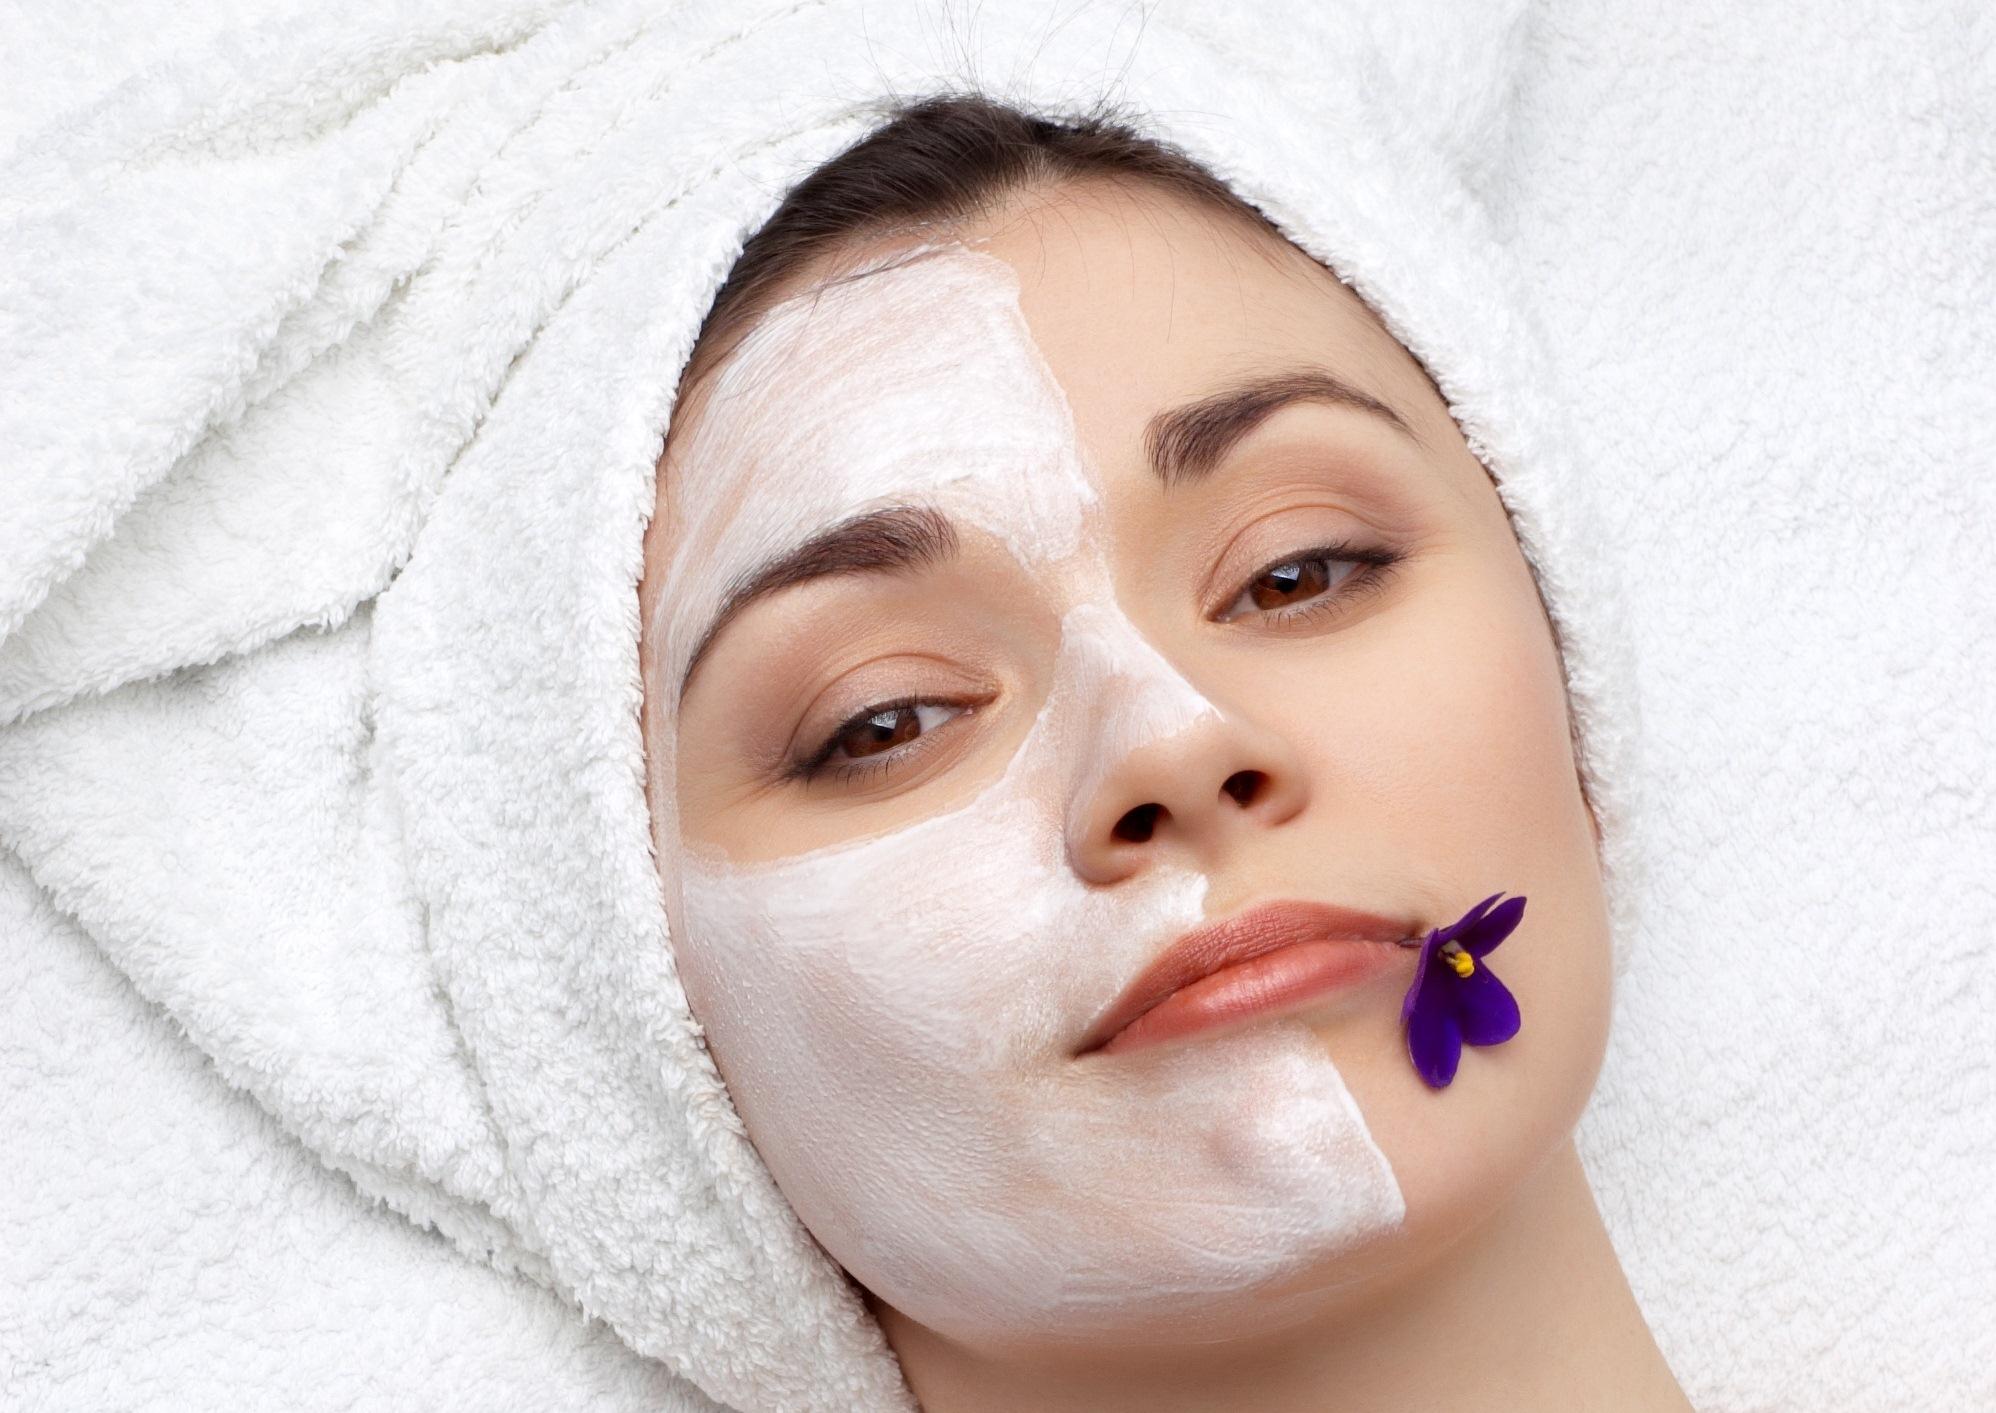 پوستی شفاف را با ماسک گشنیز و عسل تجربه کنید+ طرز تهیه